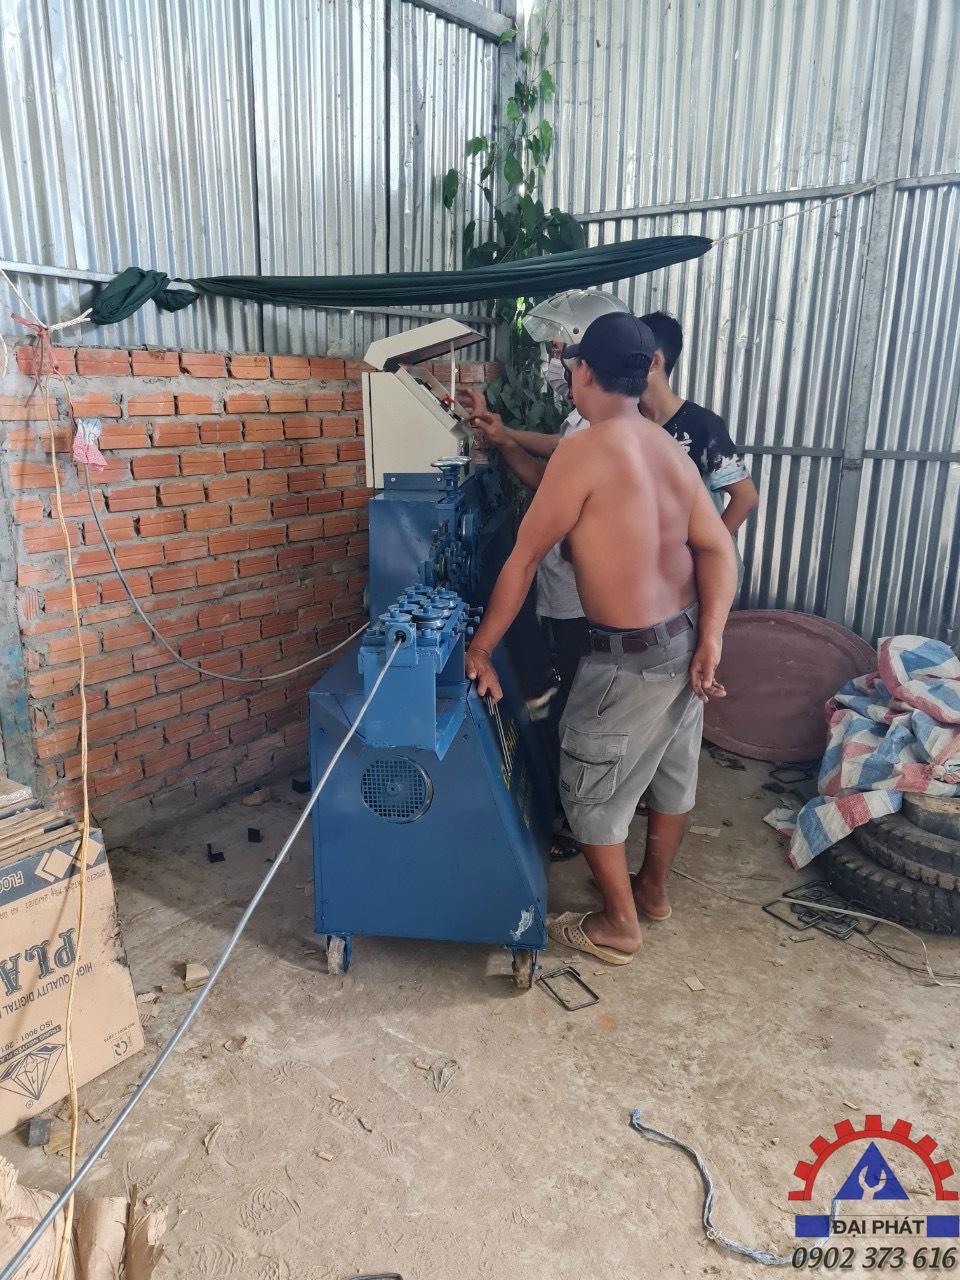 Hình ảnh giao máy ở Trần Văn Thời - Cà Mau 26/09/2021